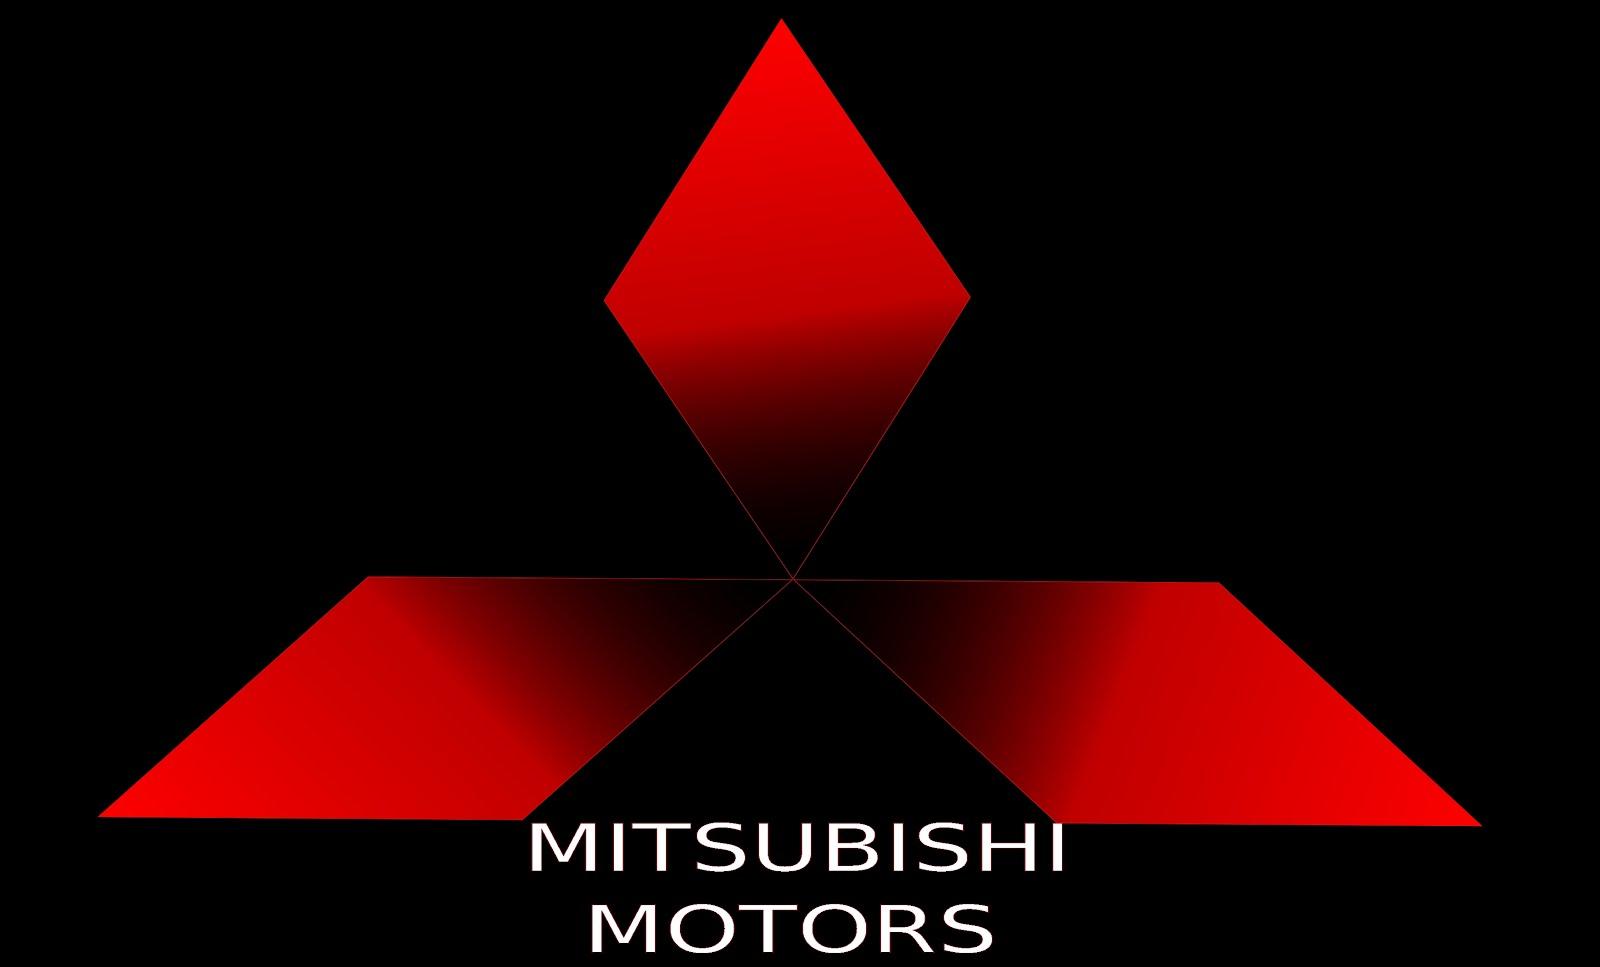 mitsubishi latesteautologo